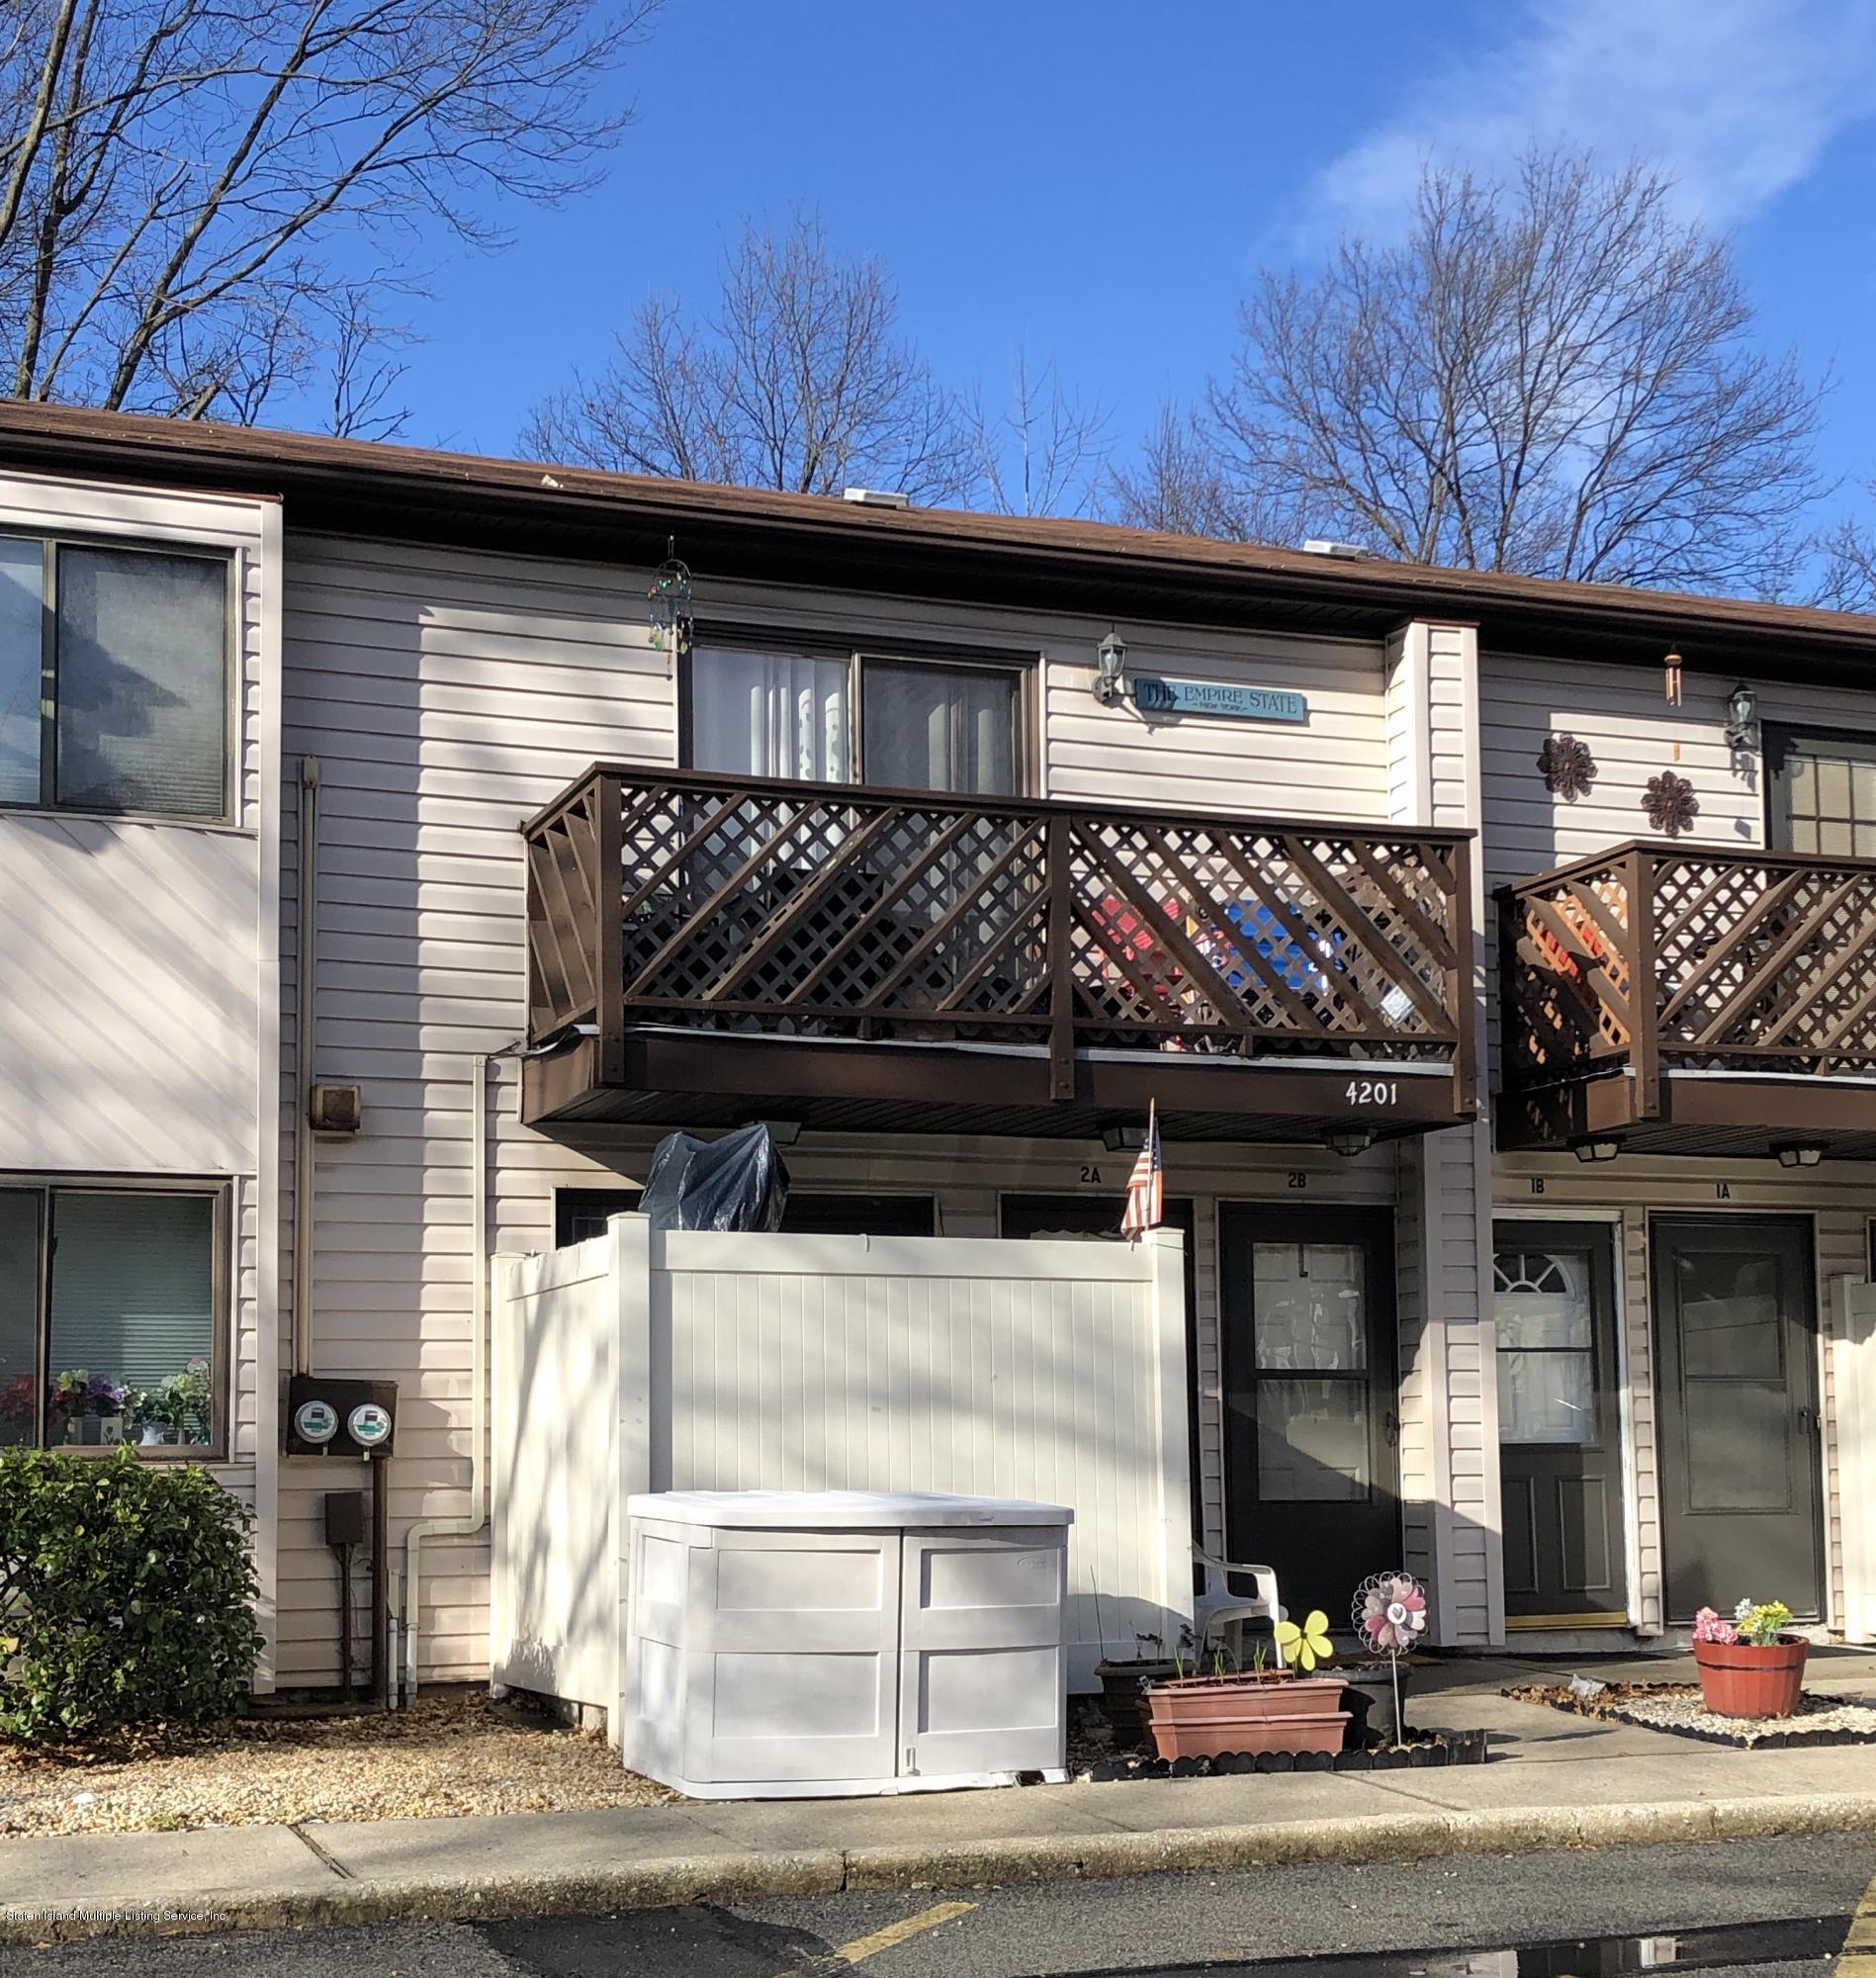 Condo in Great Kills - 4201 Amboy Road 2b  Staten Island, NY 10308